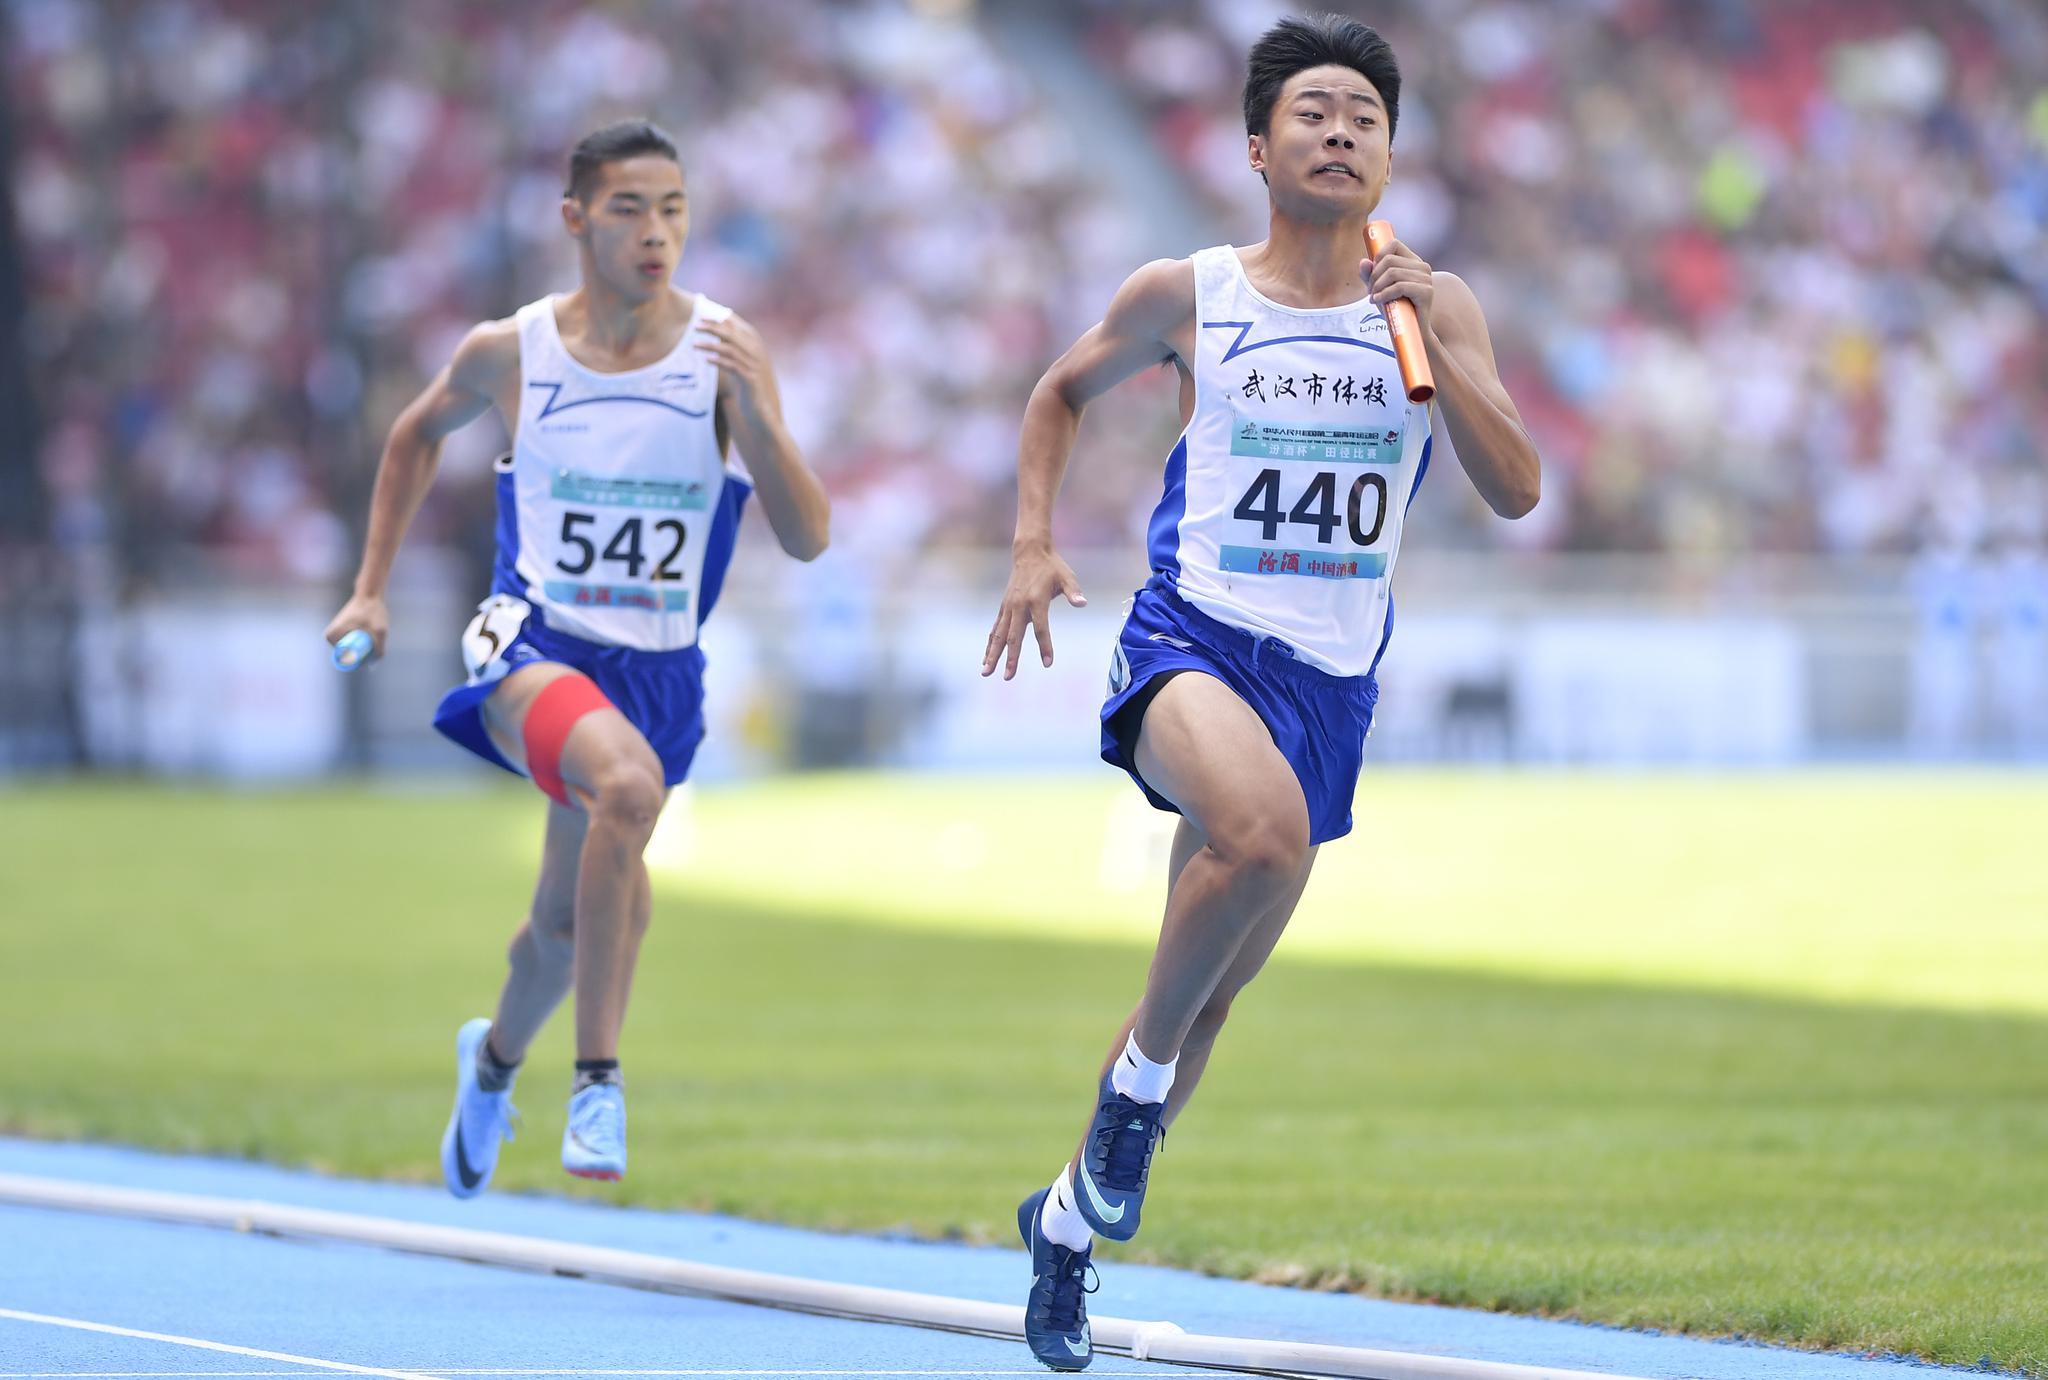 田径——体校甲组男子4X400米接力决赛:武汉市体育运动学校夺冠